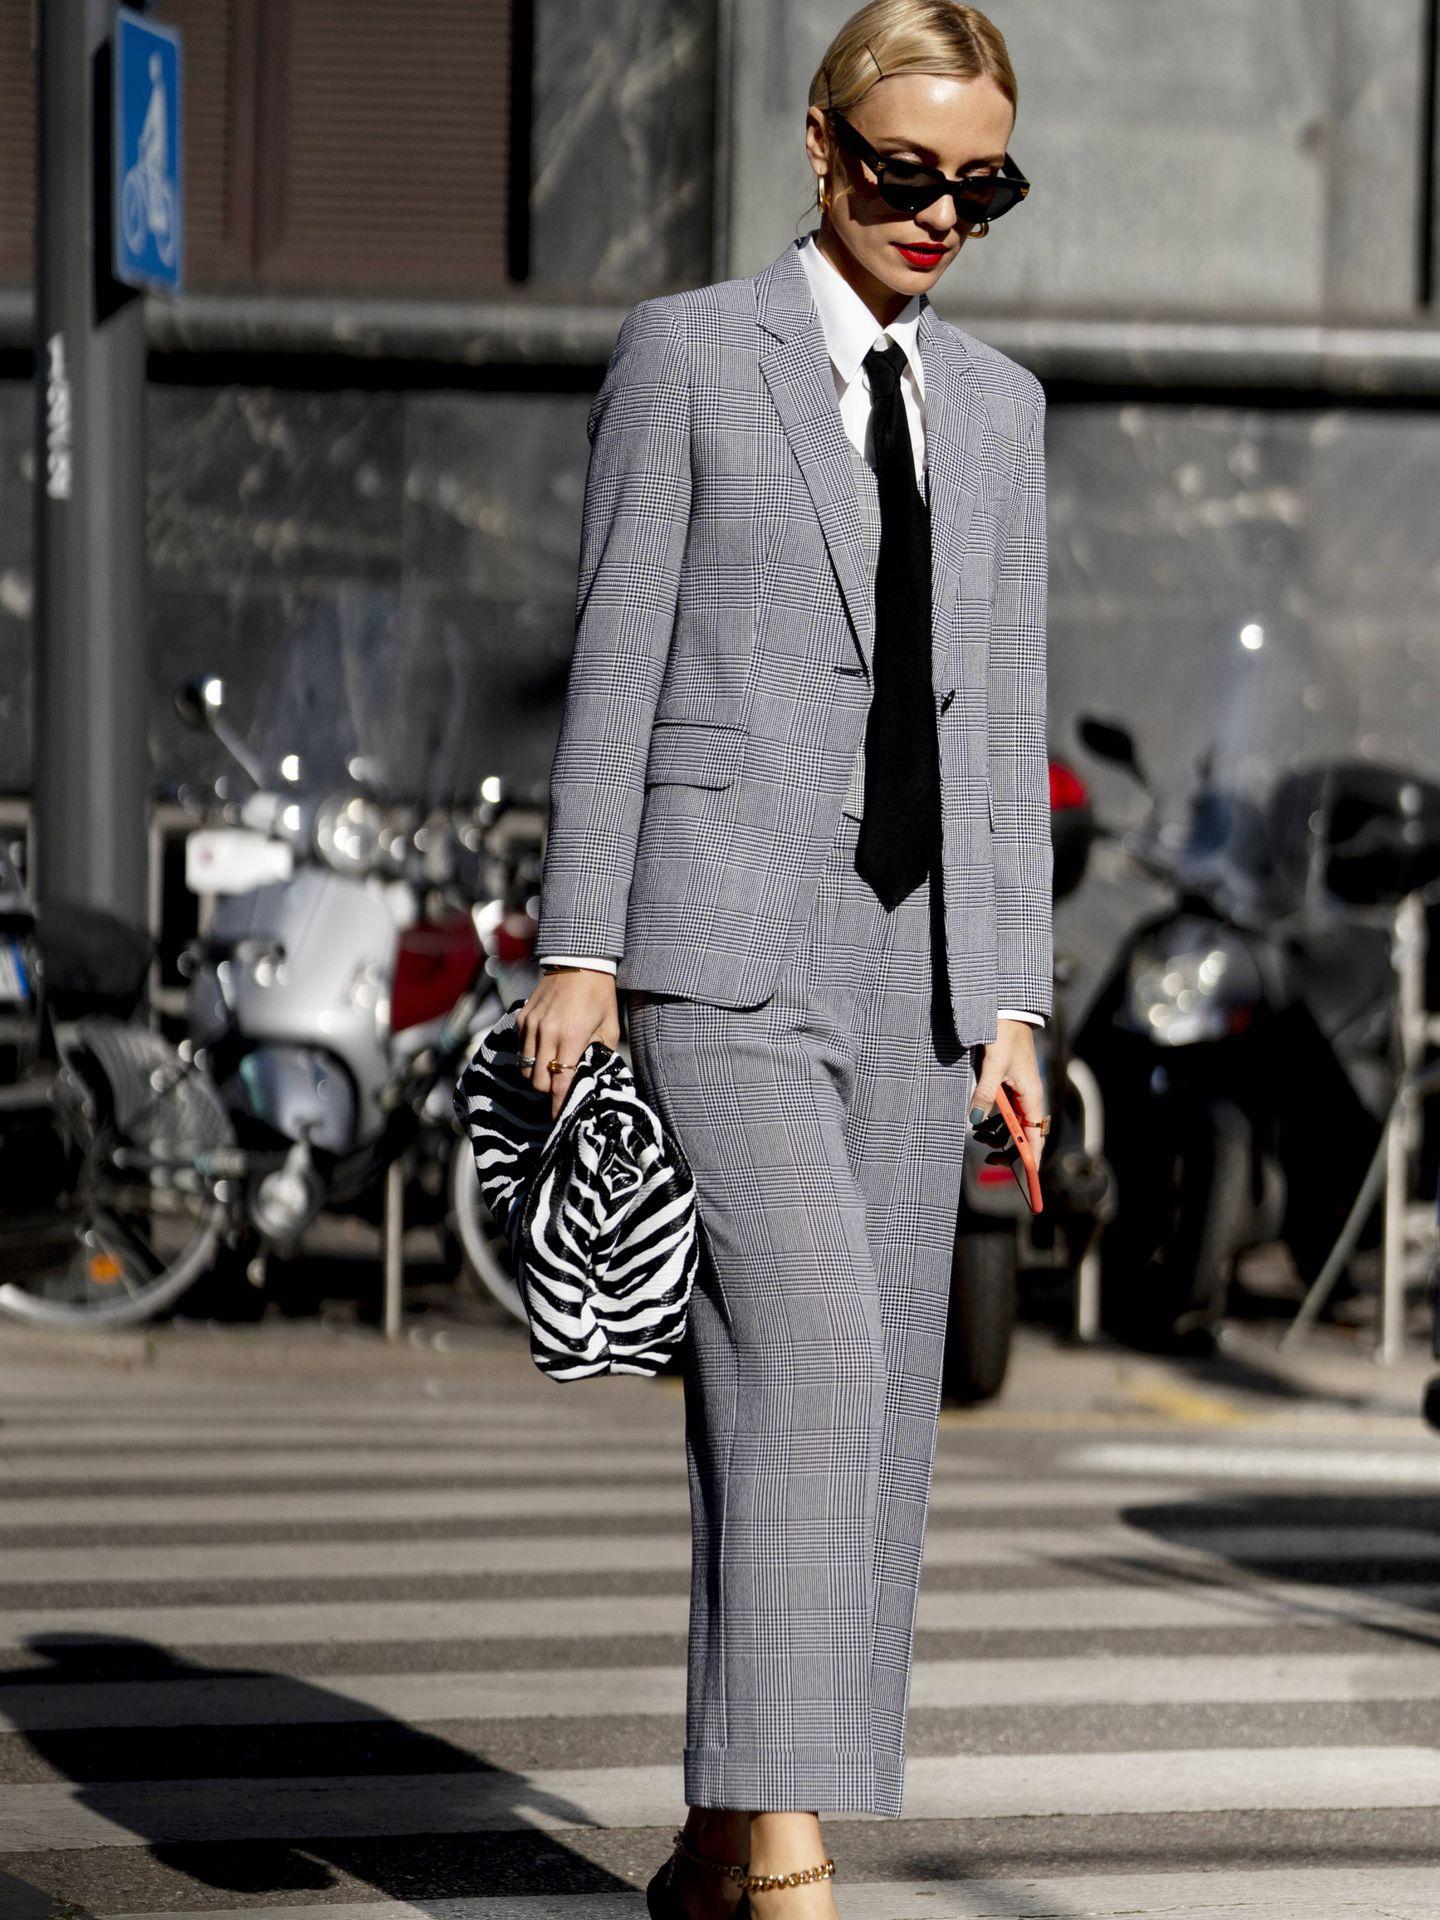 Una insider con traje y corbata. (Imaxtree)